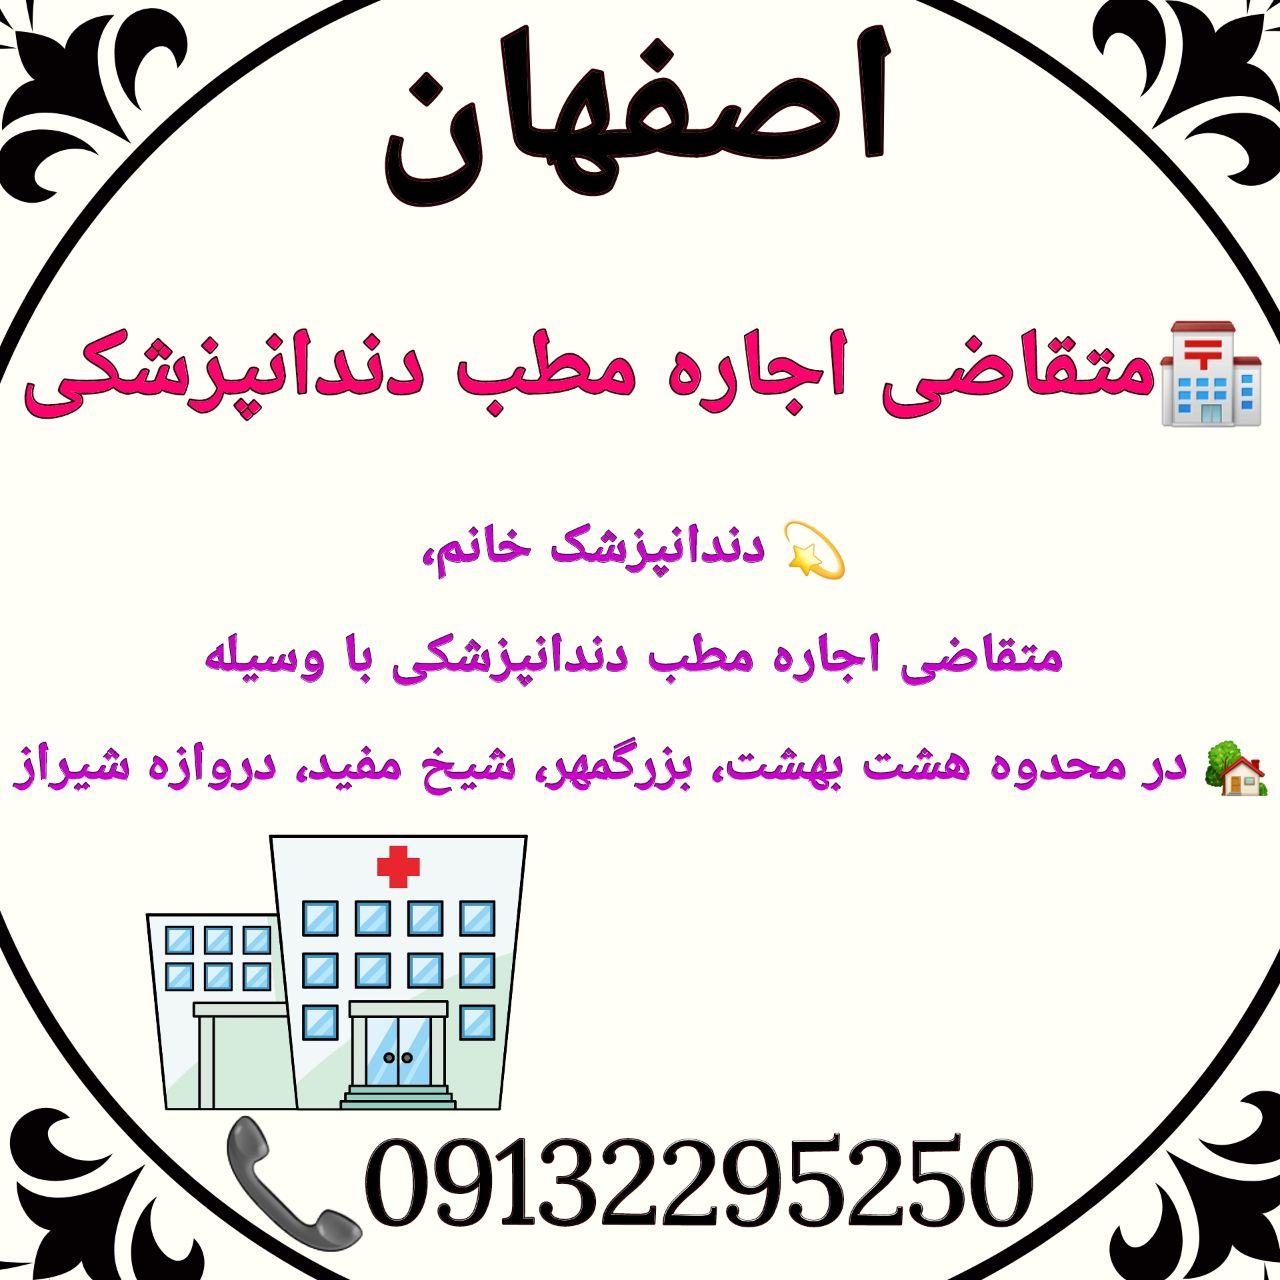 اصفهان: متقاضی اجاره مطب دندانپزشکی